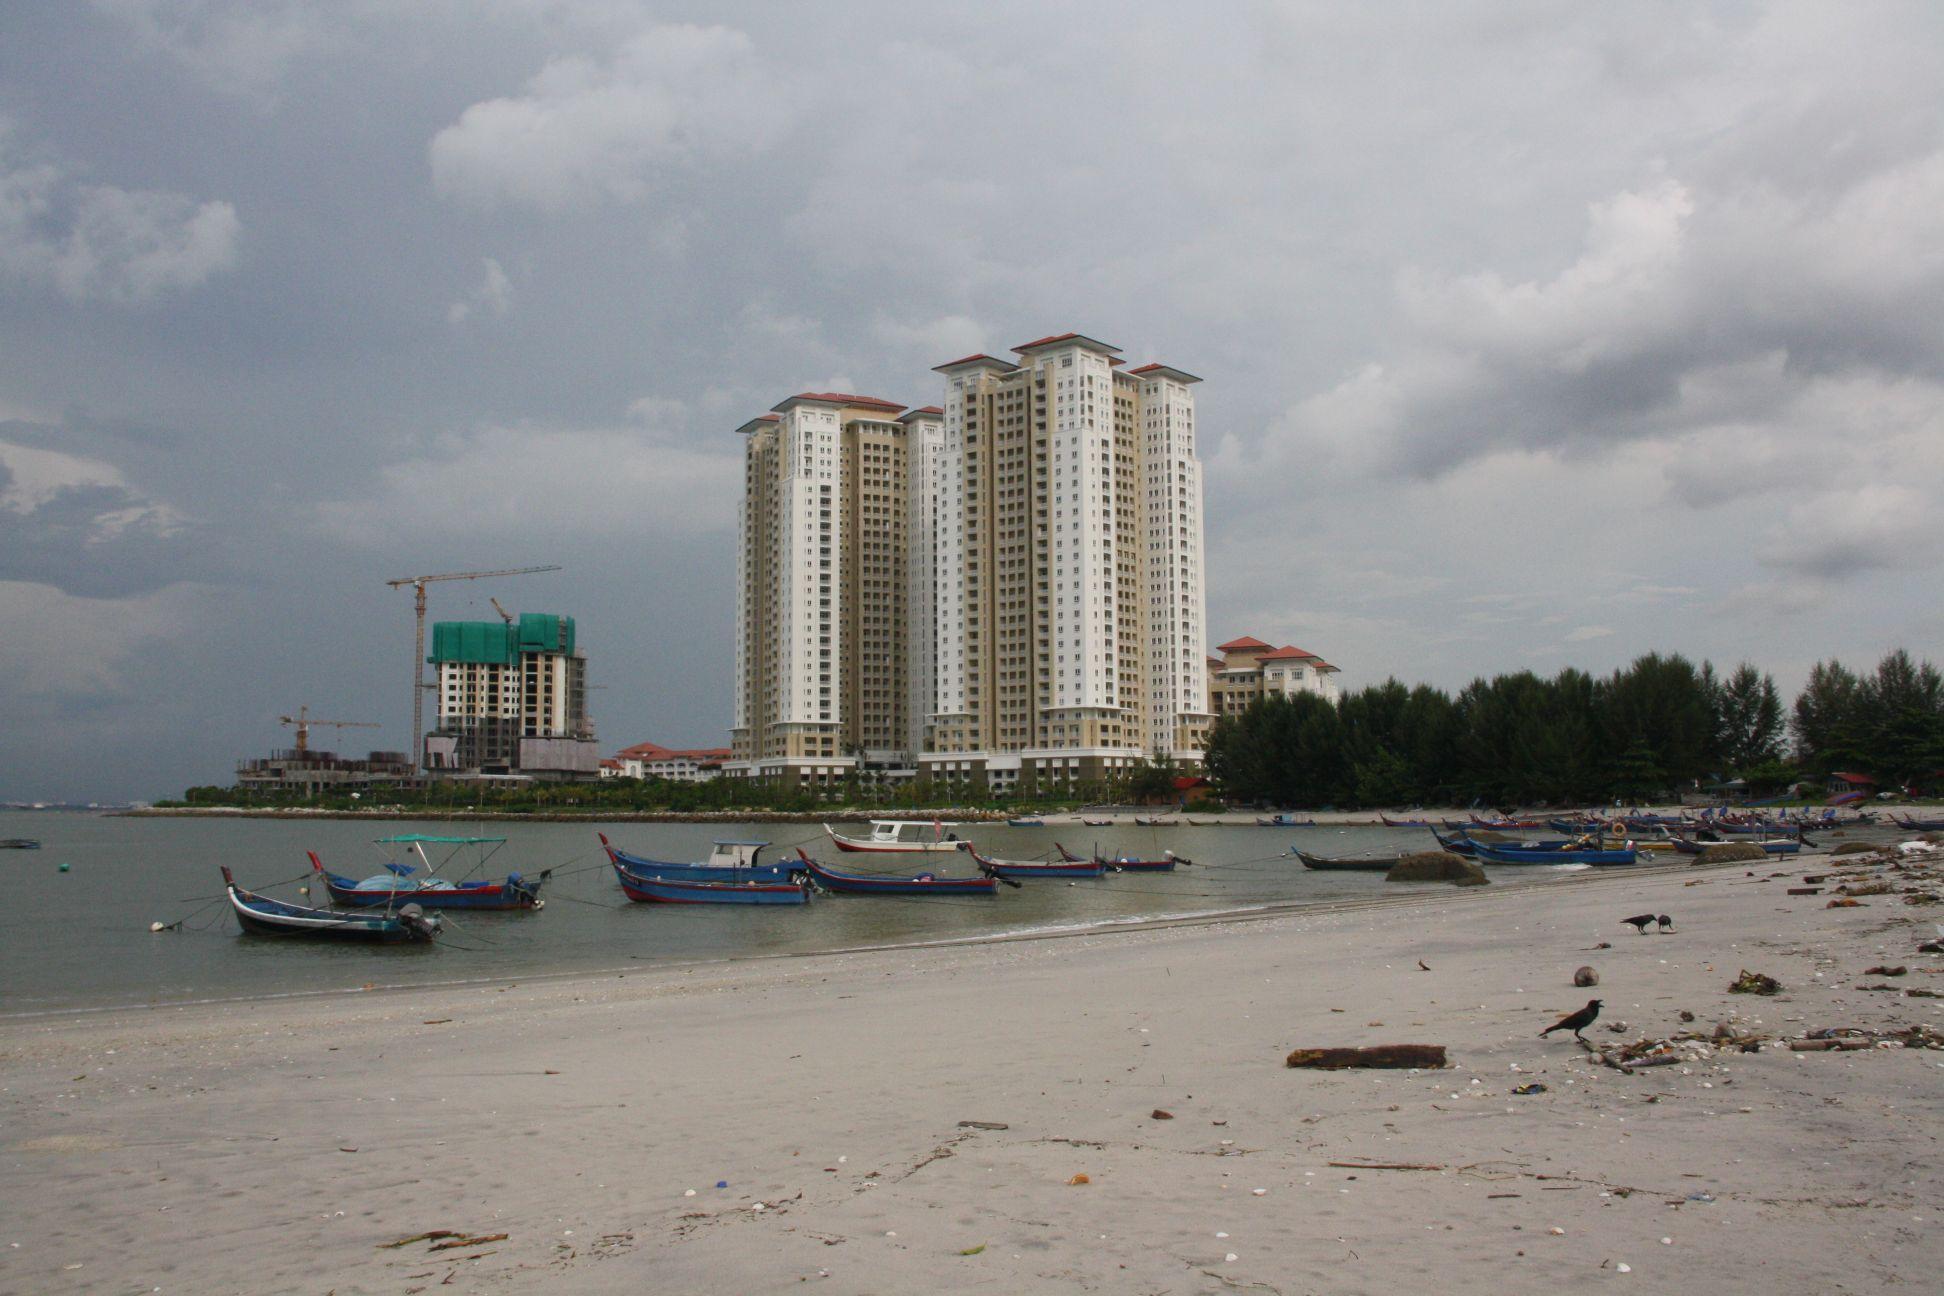 Zoznamka Penang